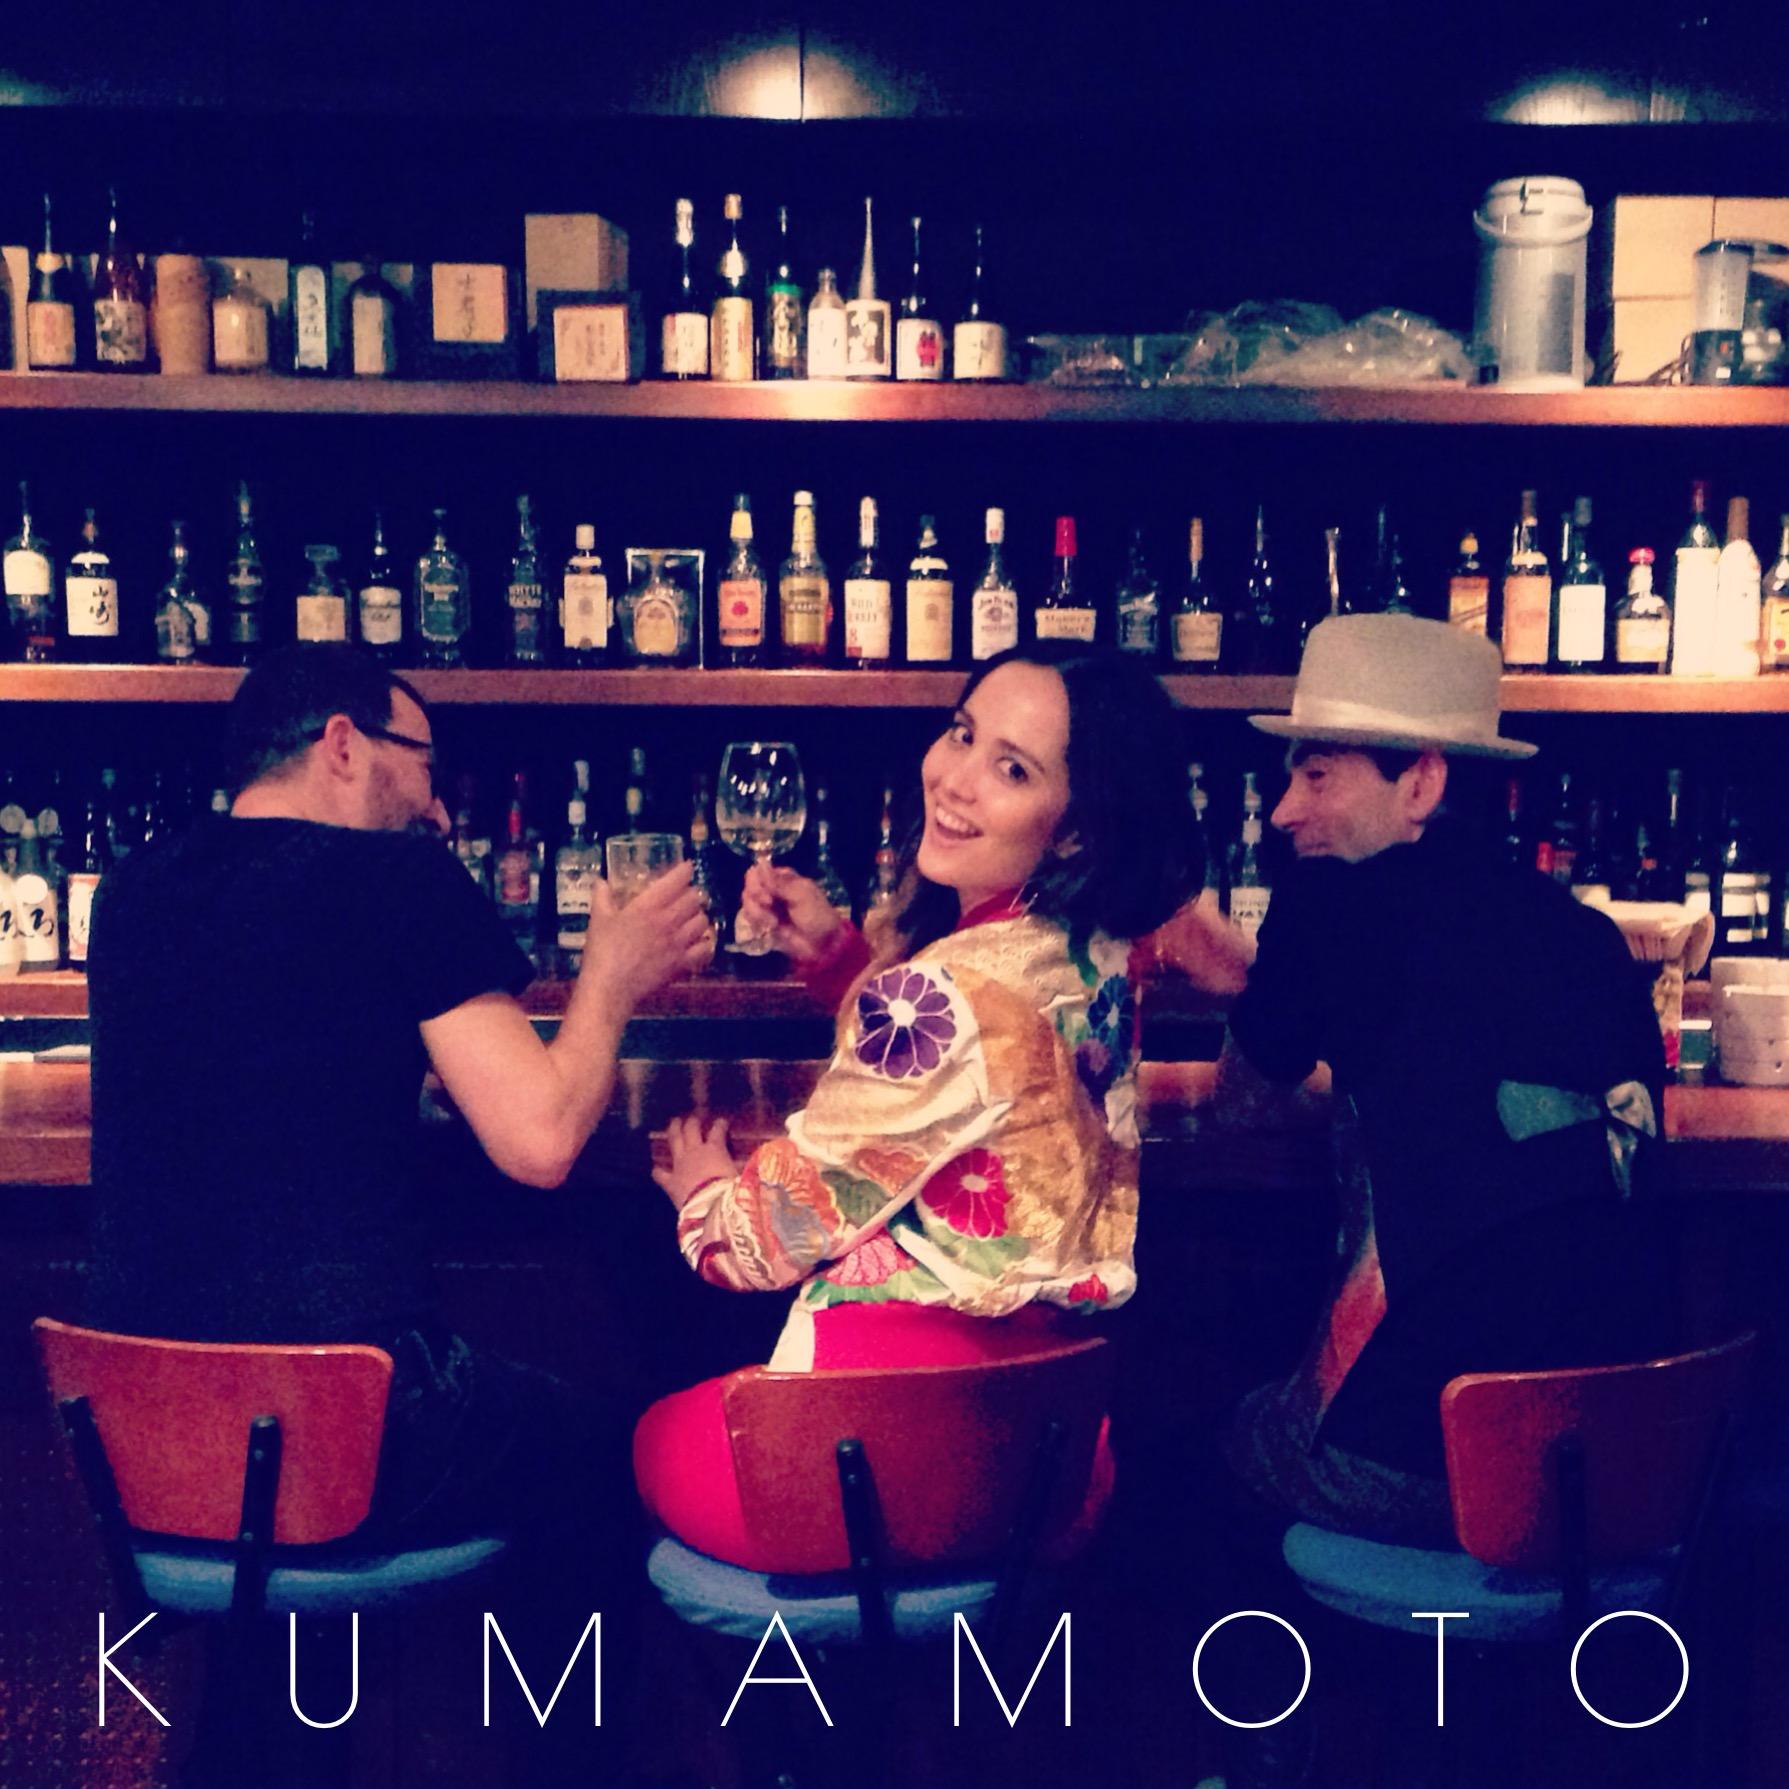 Japan trio tour 2016 @Kumamoto